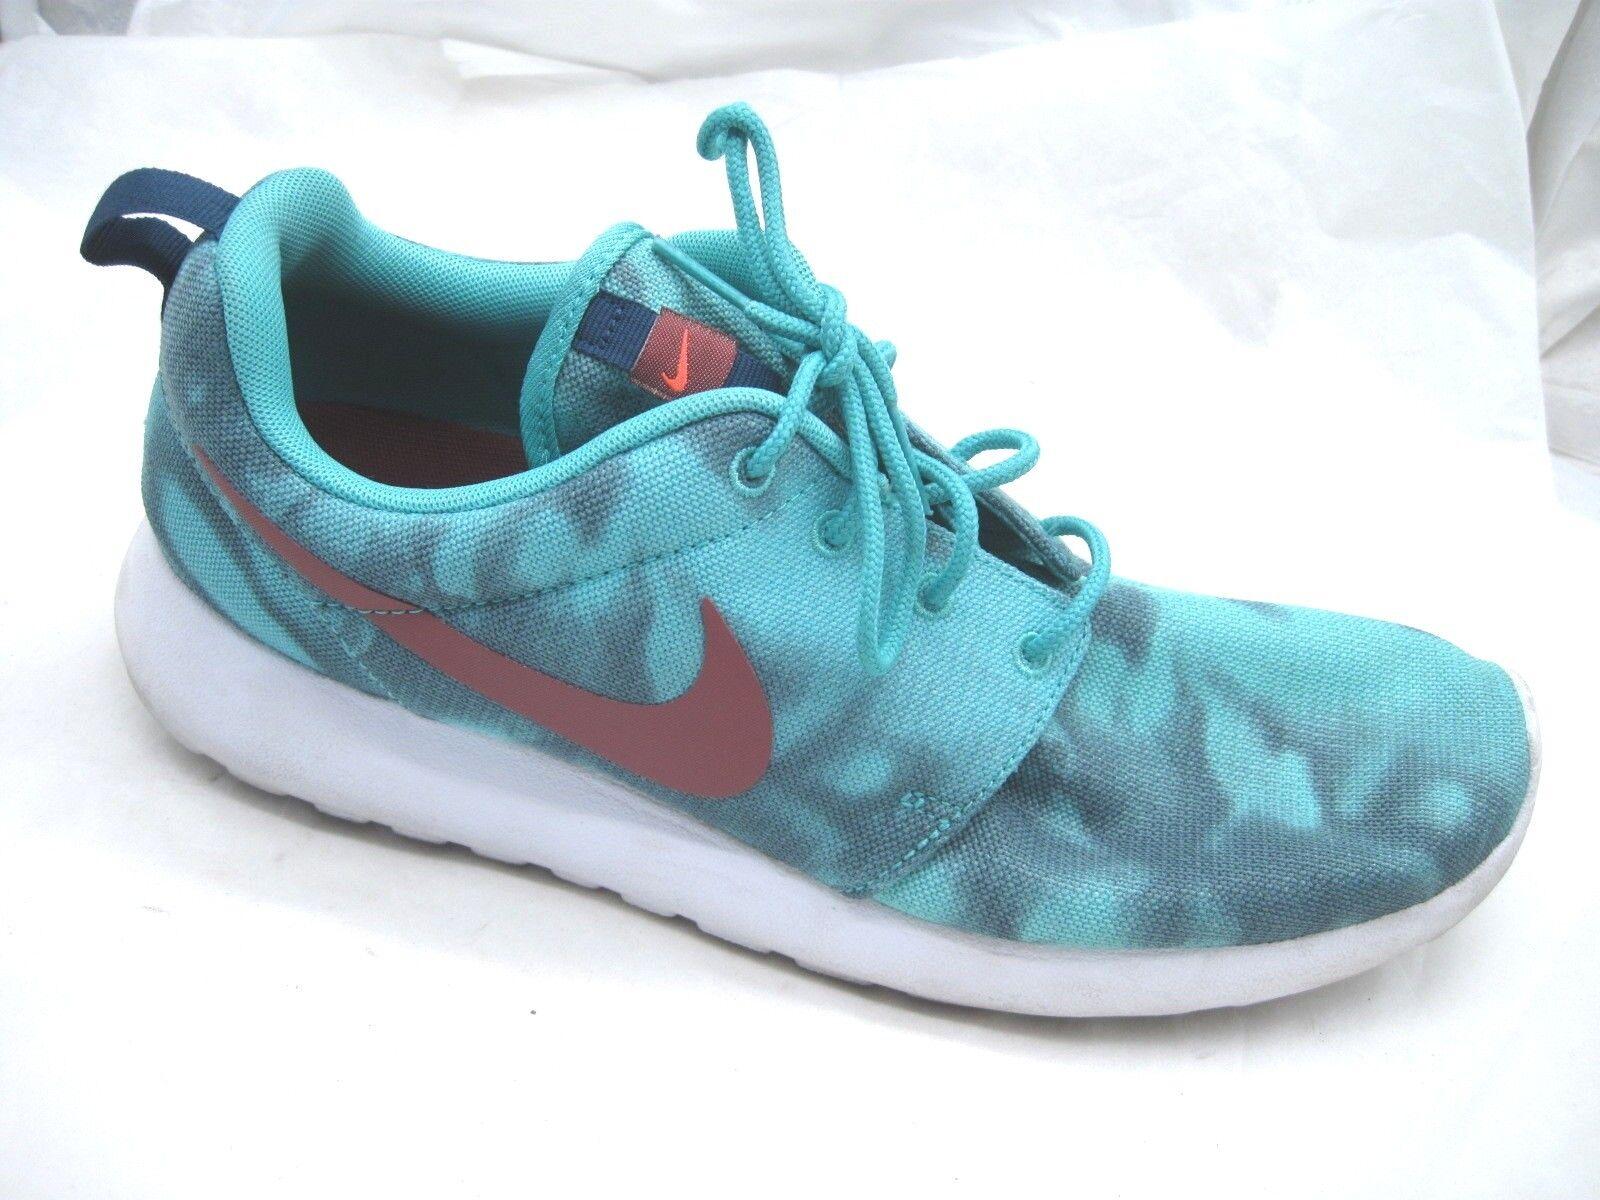 Roshe nike run blue viola sz in Uomo scarpe scarpe sz viola 10 2014 655206-346 5a8729